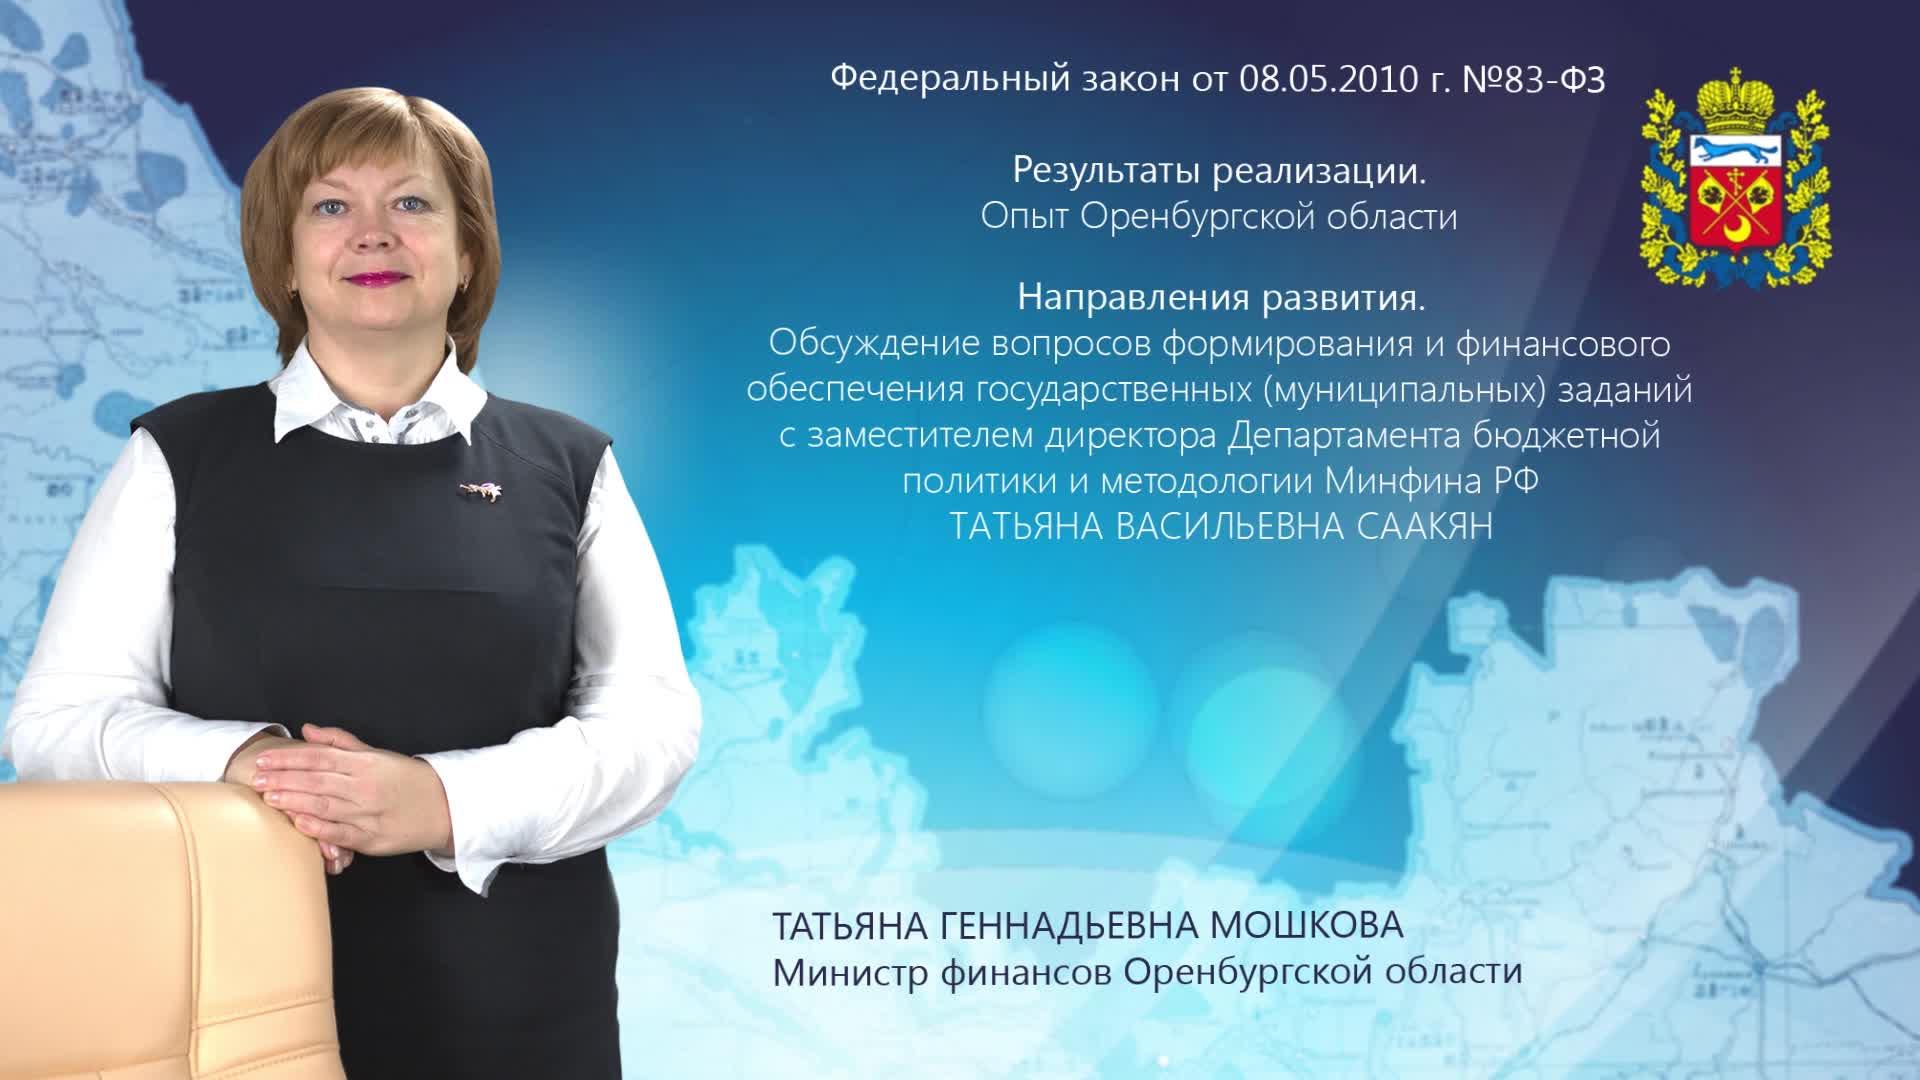 Результаты реализации 83-ФЗ от 08.05.2010 в Оренбургской области